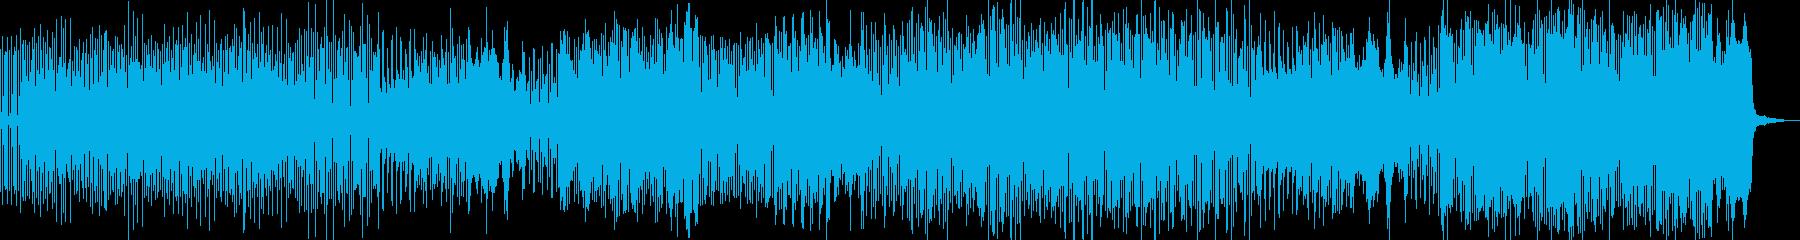 不気味可愛いハロウィン調 ドラム有 Cの再生済みの波形